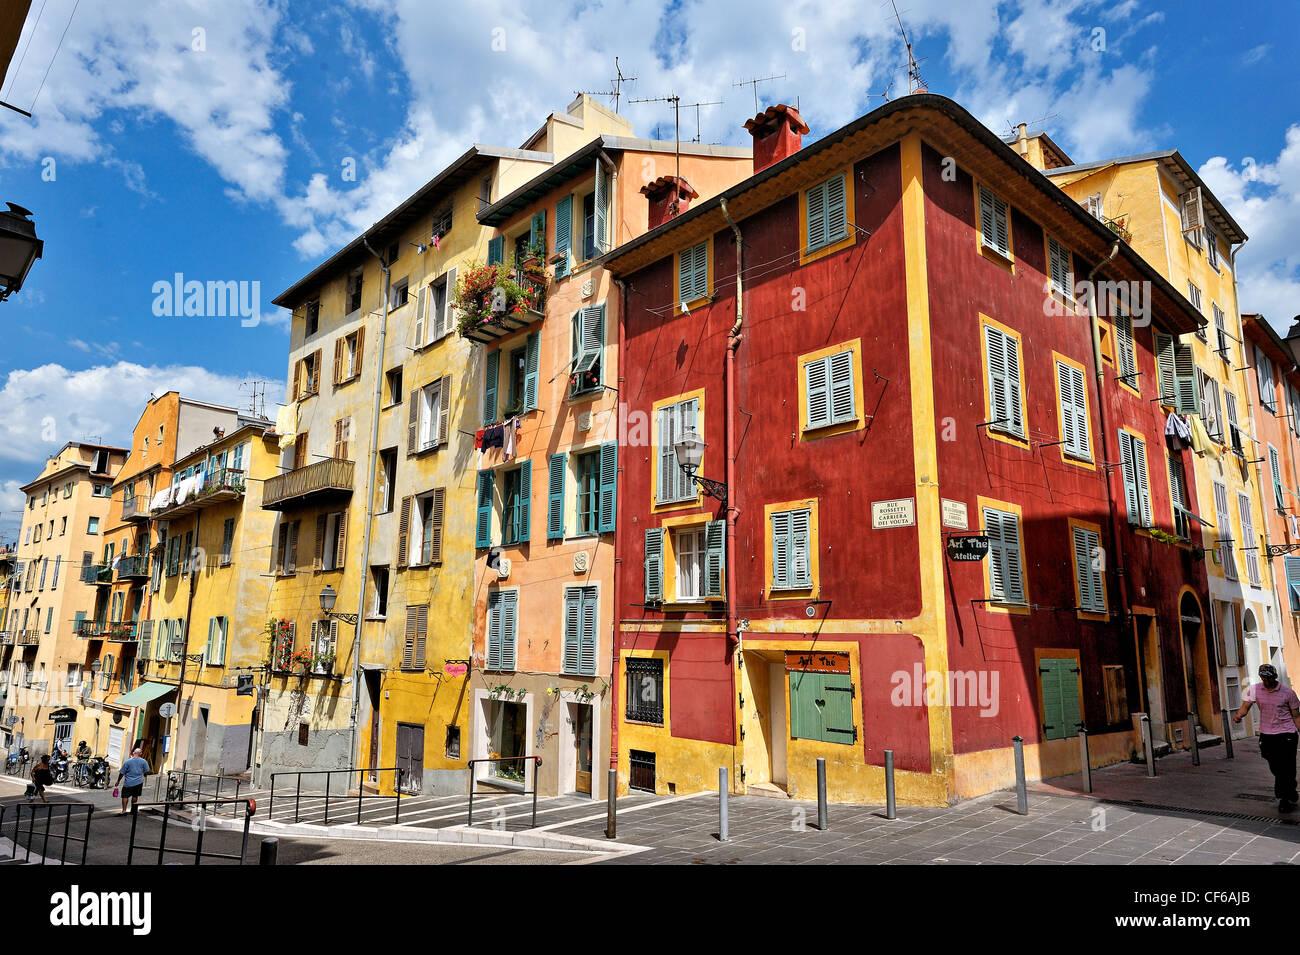 La vieille ville, Nice, Côte d'Azur, France. Photo Stock